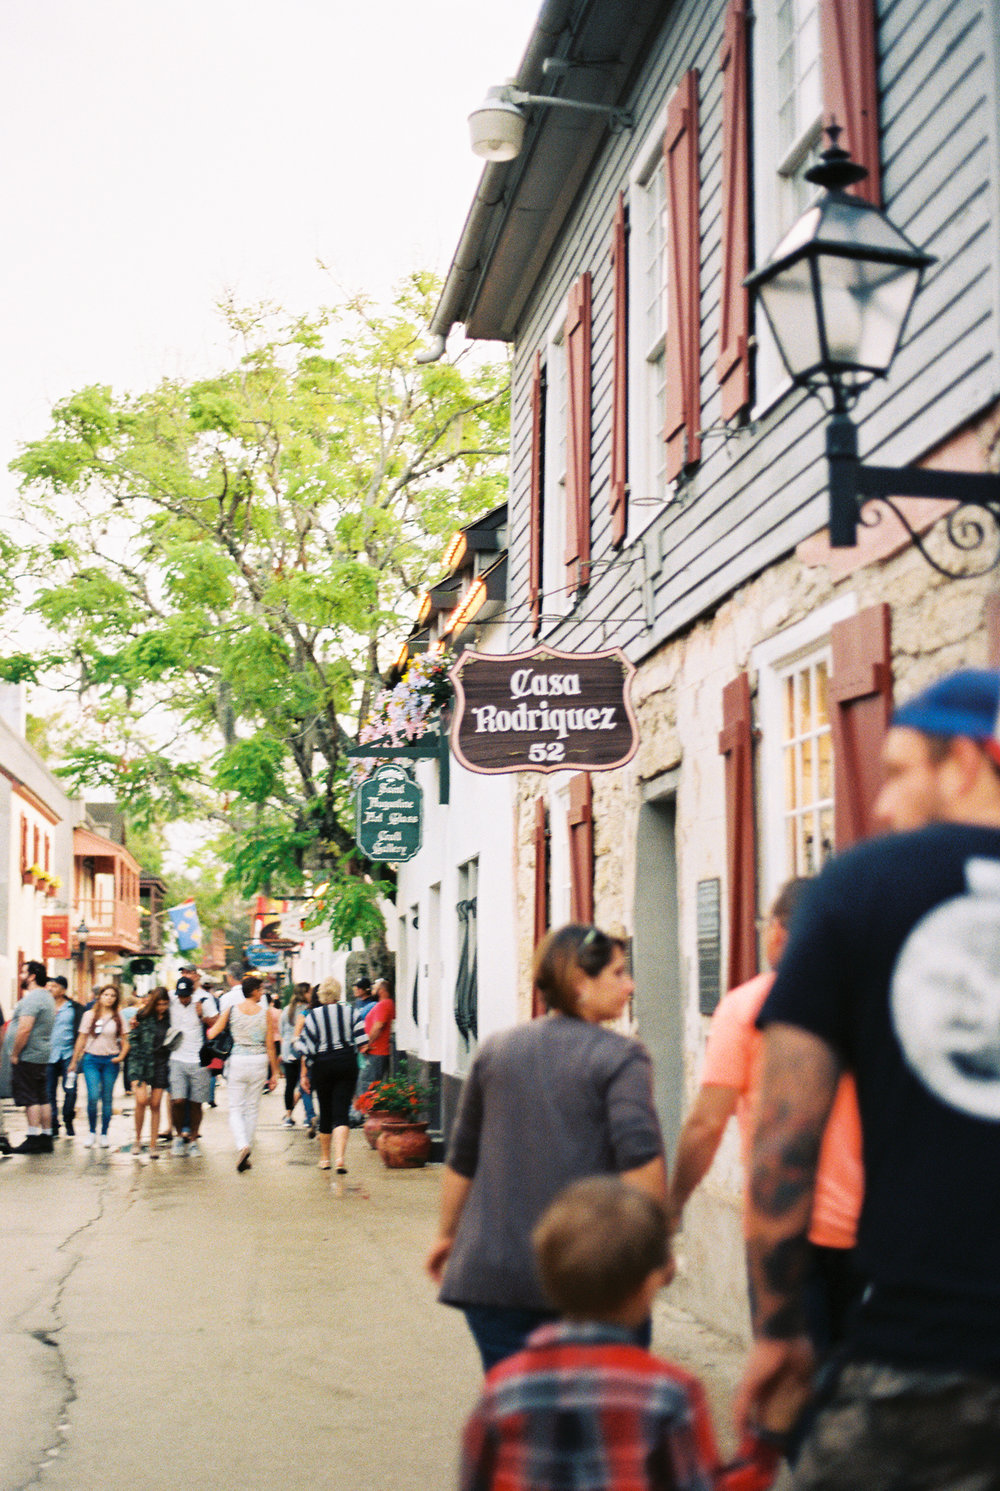 st augustine fl historic old town village